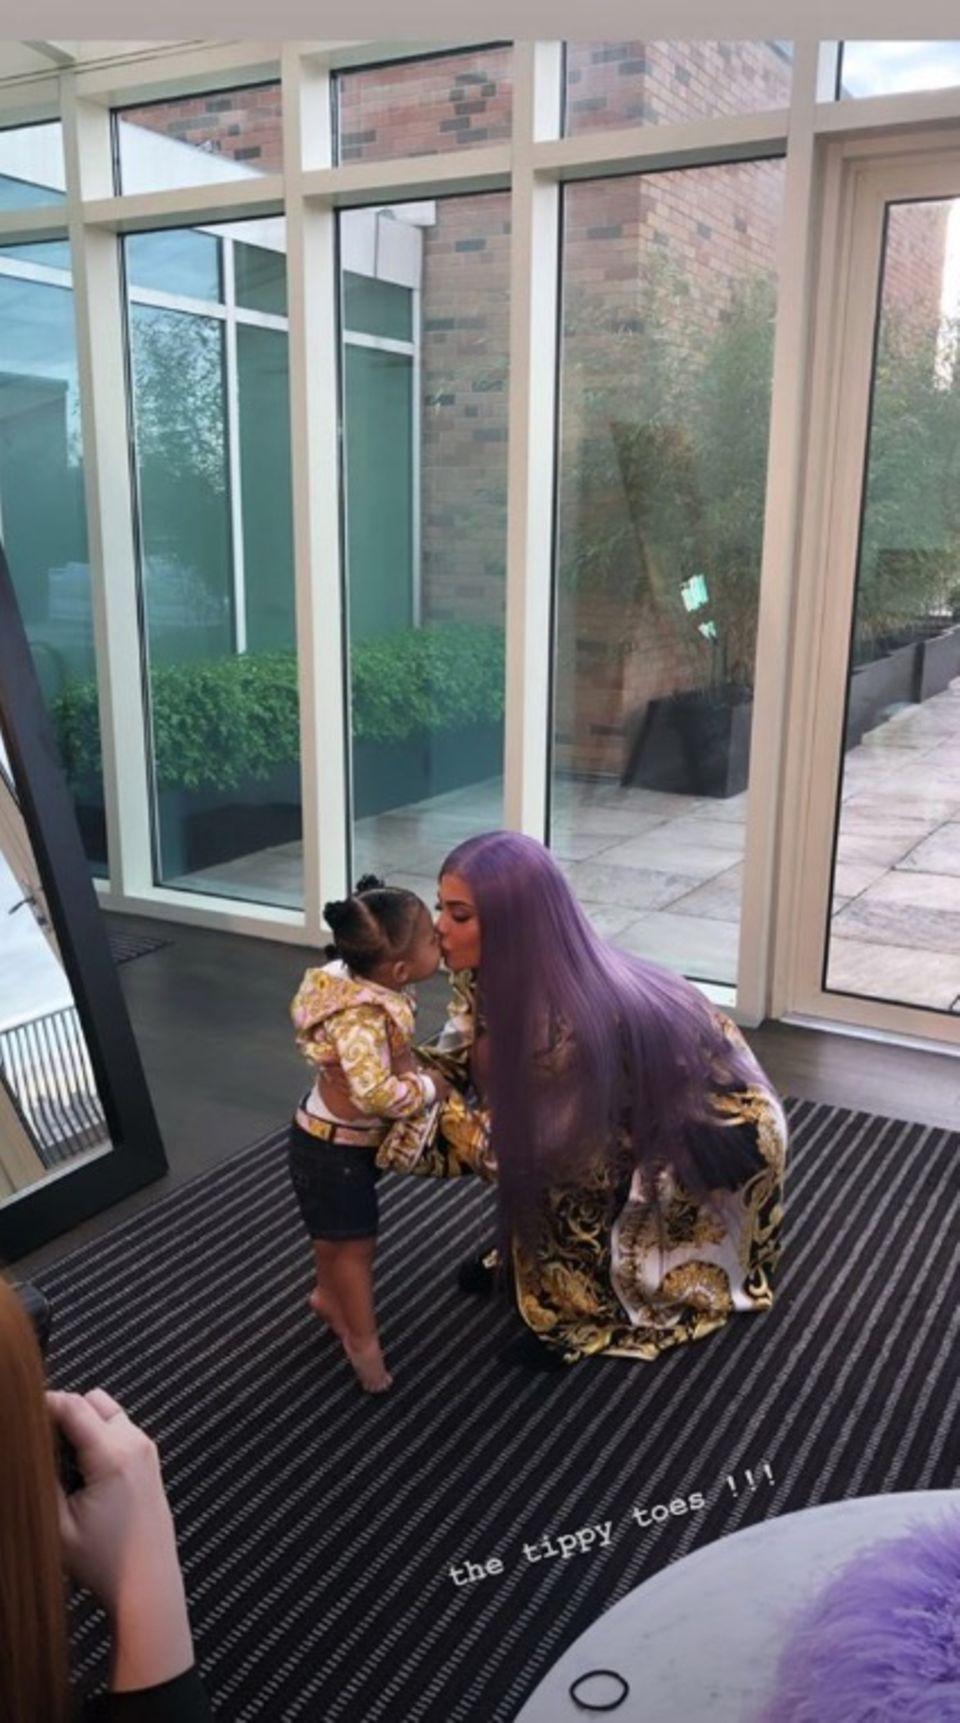 Küsschen vor dem großen Auftritt: Kylie Jenners Tochter Stormi verabschiedet sich von ihrer Mama mit einem süßen Schmatzer.